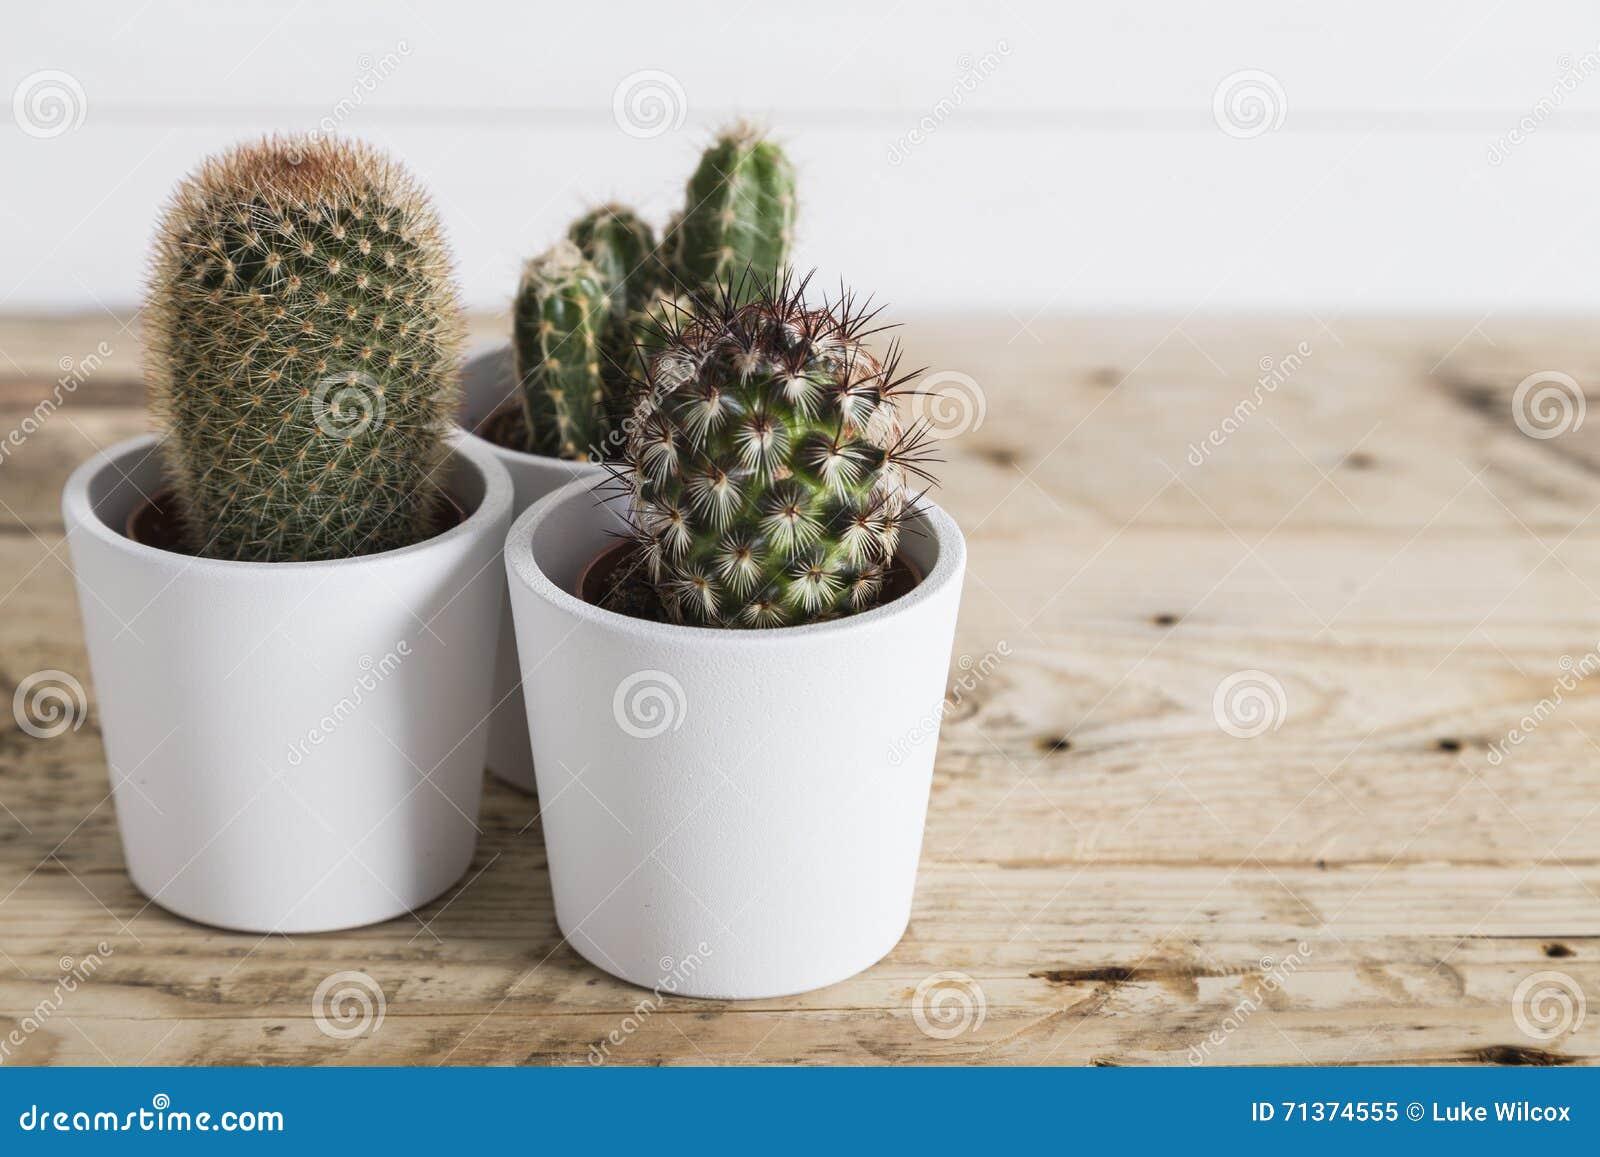 白色罐的仙人掌植物